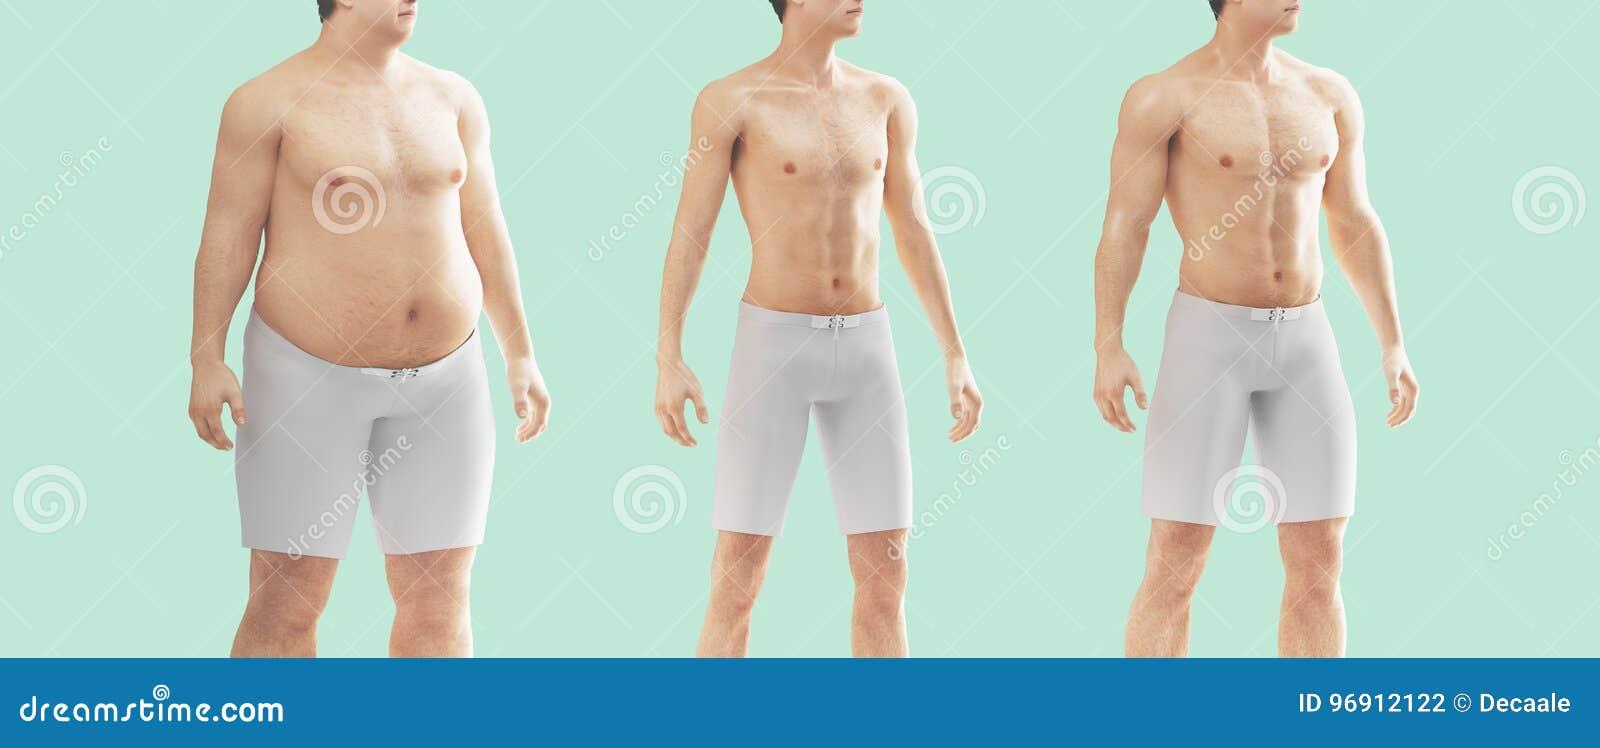 grasso corporeo per i maschio